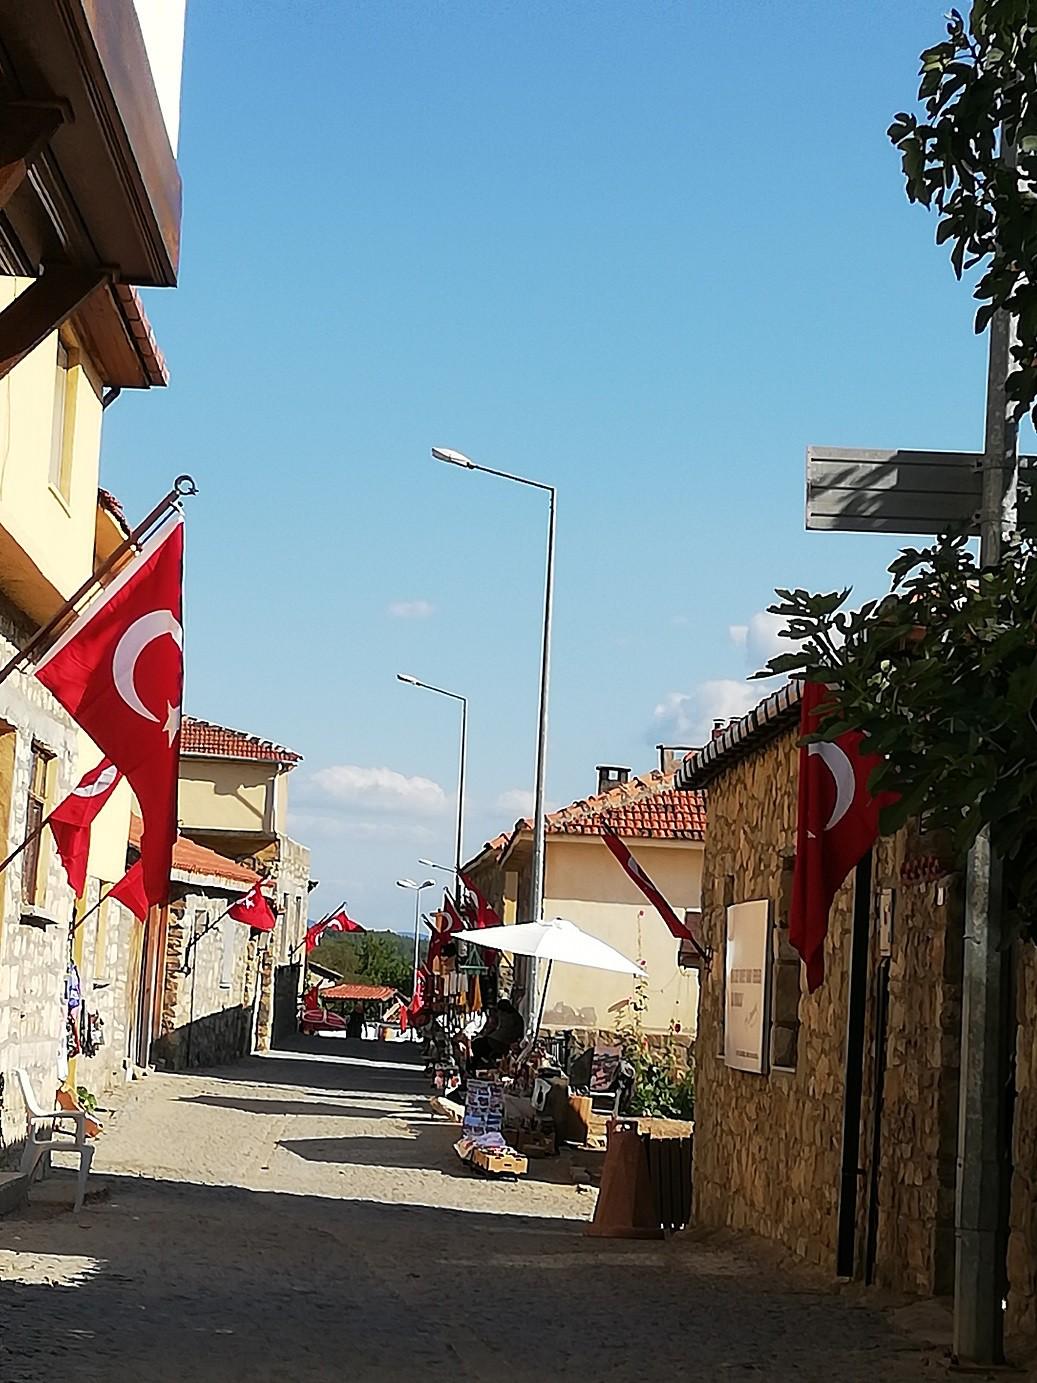 KÖYÜ DÜNYA TANIYOR Bu tarihi özellikleriyle özelliği ile Bigalı köyünü sadece Türkiye değil tüm dünya tanıyor.